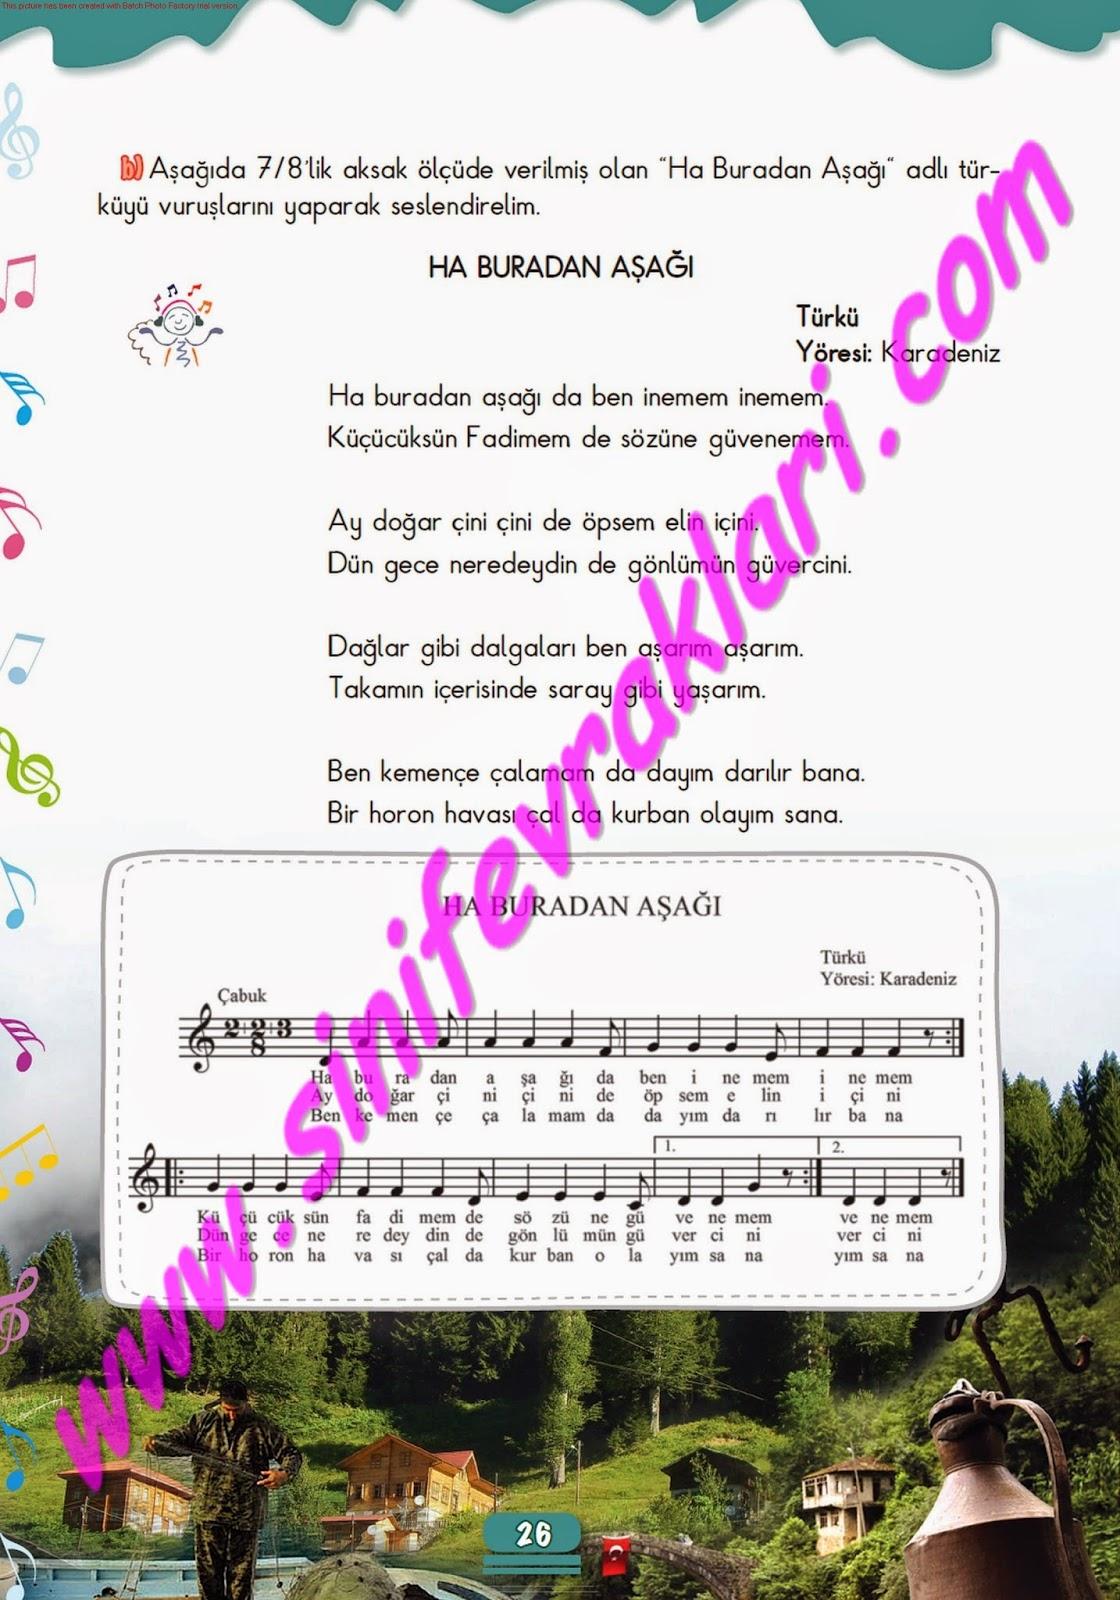 5sınıf Müzik çalışma Kitabı Cevapları Meb Yayınları Sayfa 26 Ders